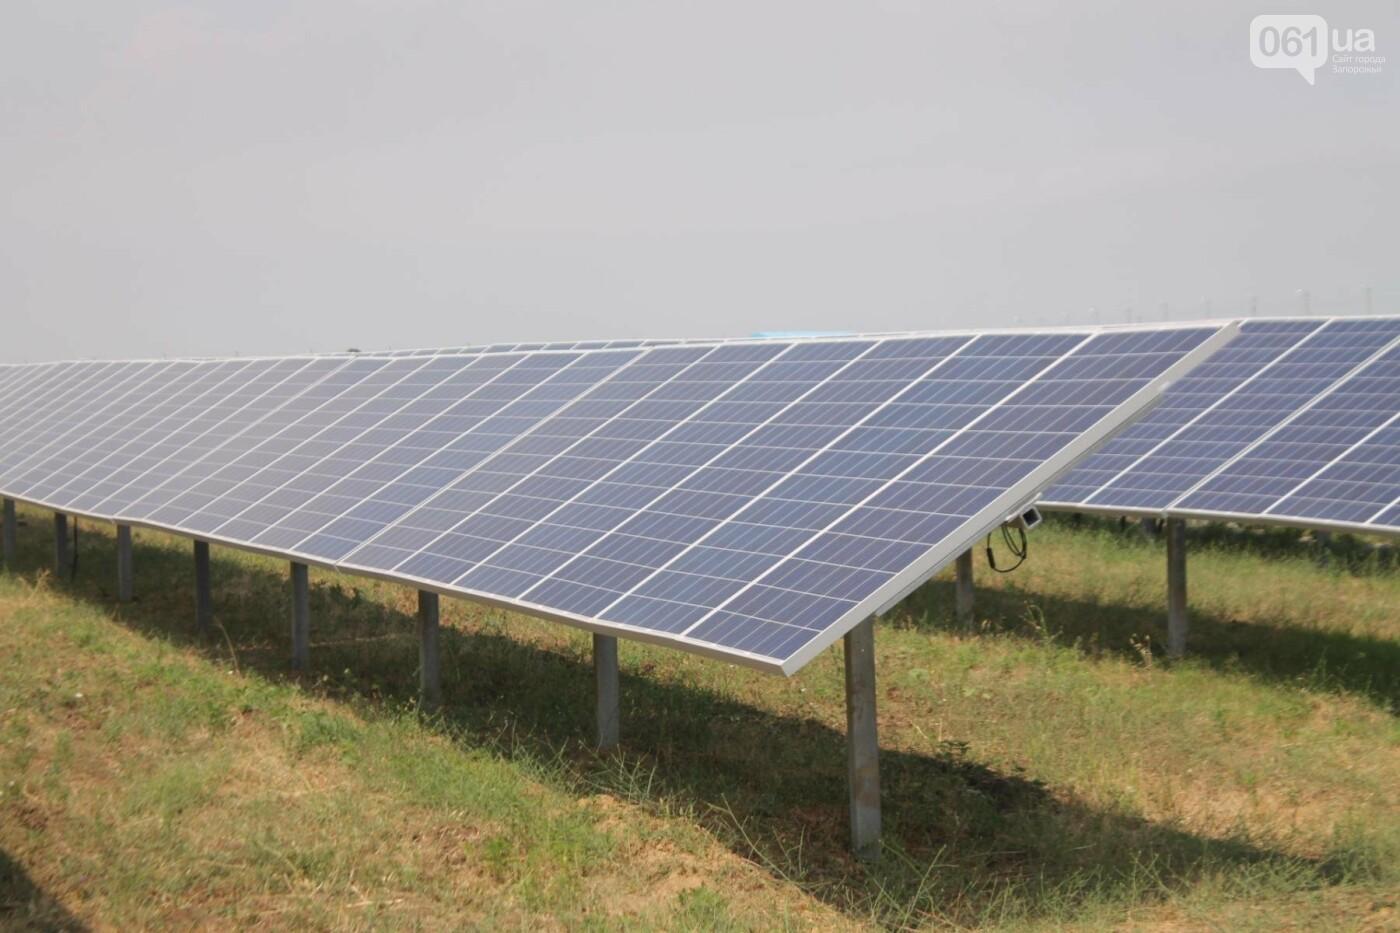 Как в Запорожской области работает крупнейшая в Украине солнечная станция: экскурсия на производство, — ФОТОРЕПОРТАЖ, фото-12